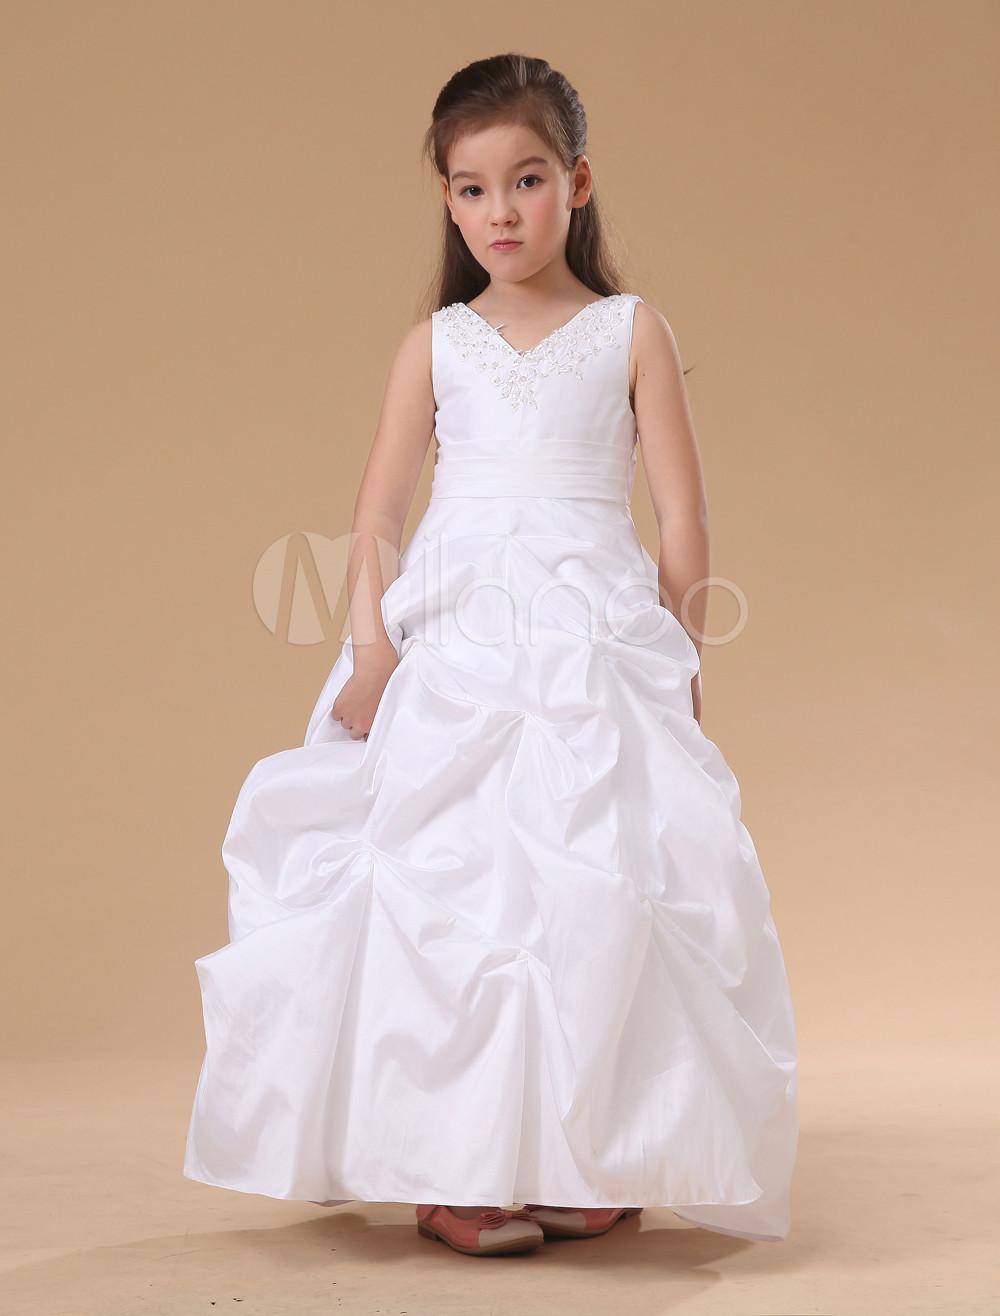 White Sleeveless Ball Gown Sash Satin Flower Girl Dress (Wedding Flower Girl Dresses) photo